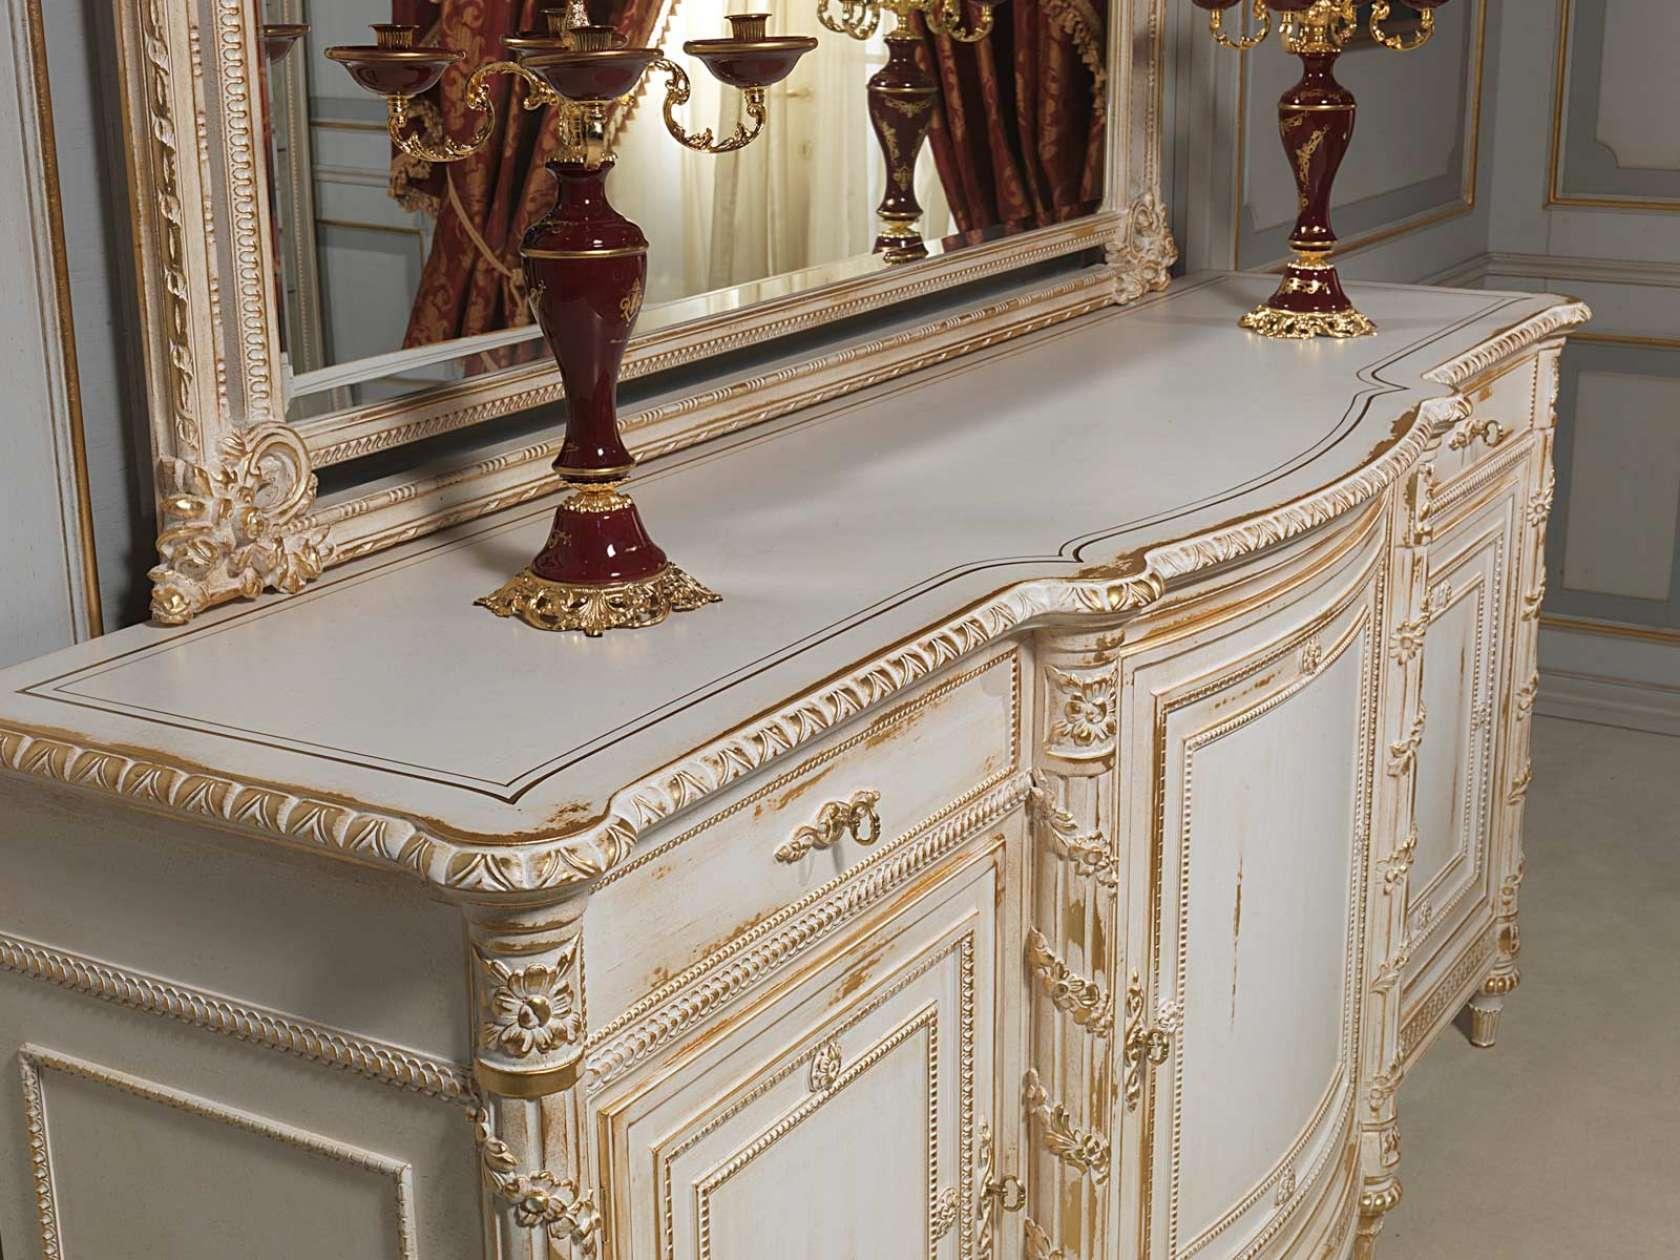 Credenza intagliata in stile Luigi XVI | Vimercati Meda